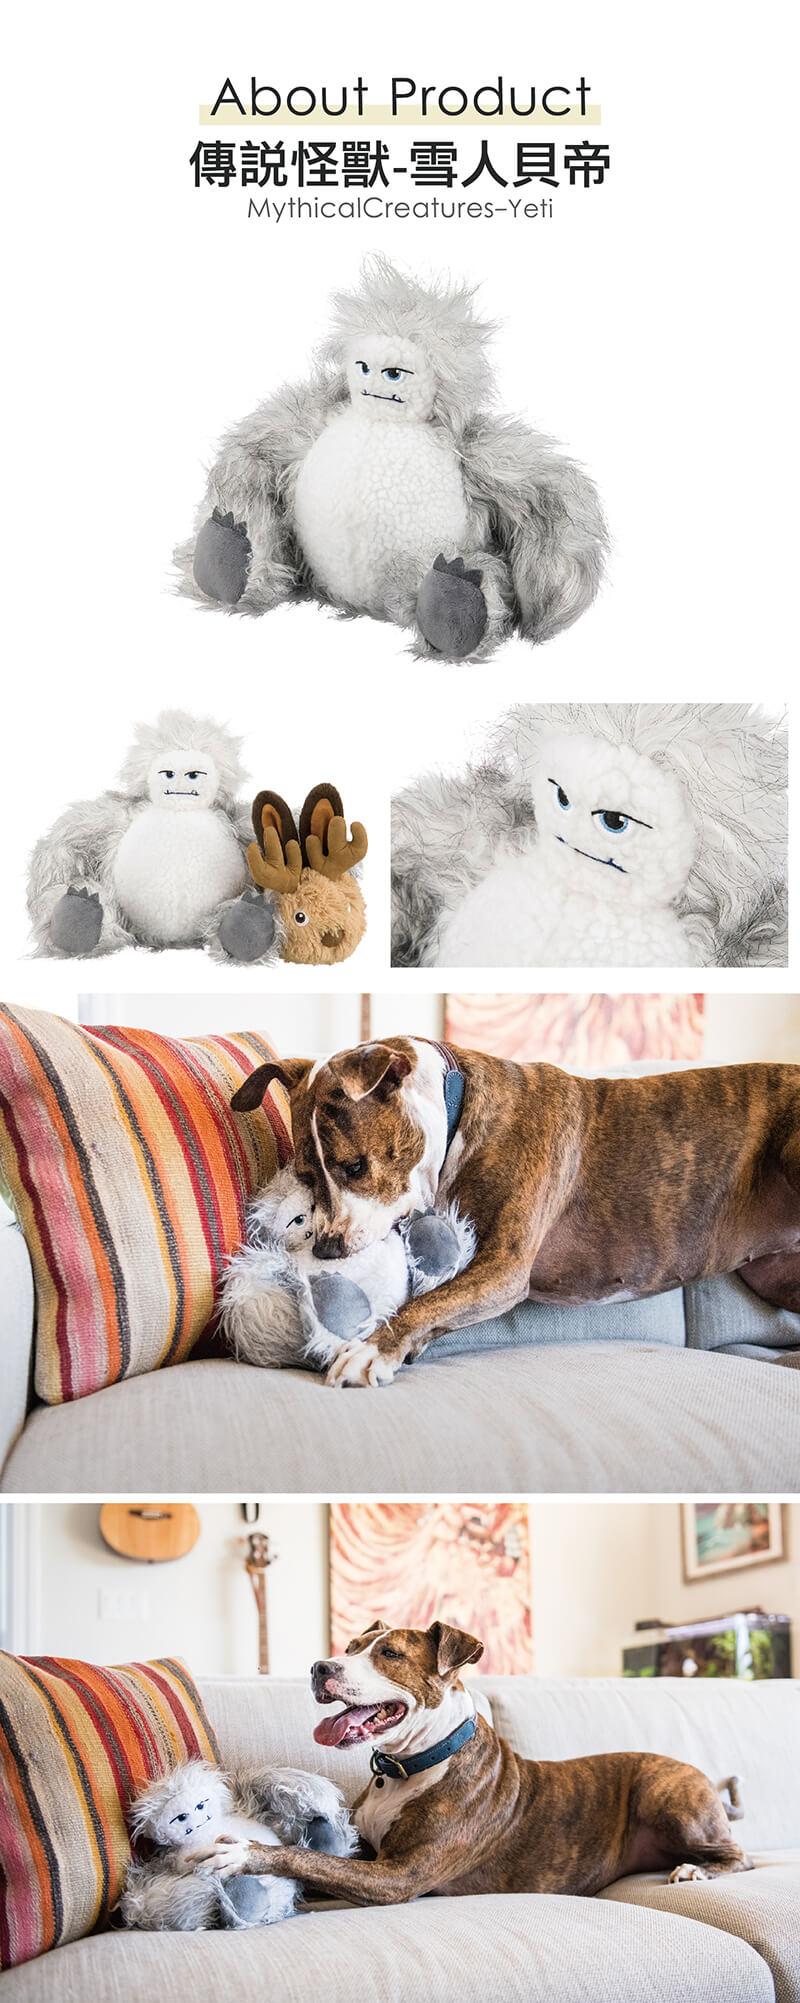 Pet toy legend monster snowman betty hum